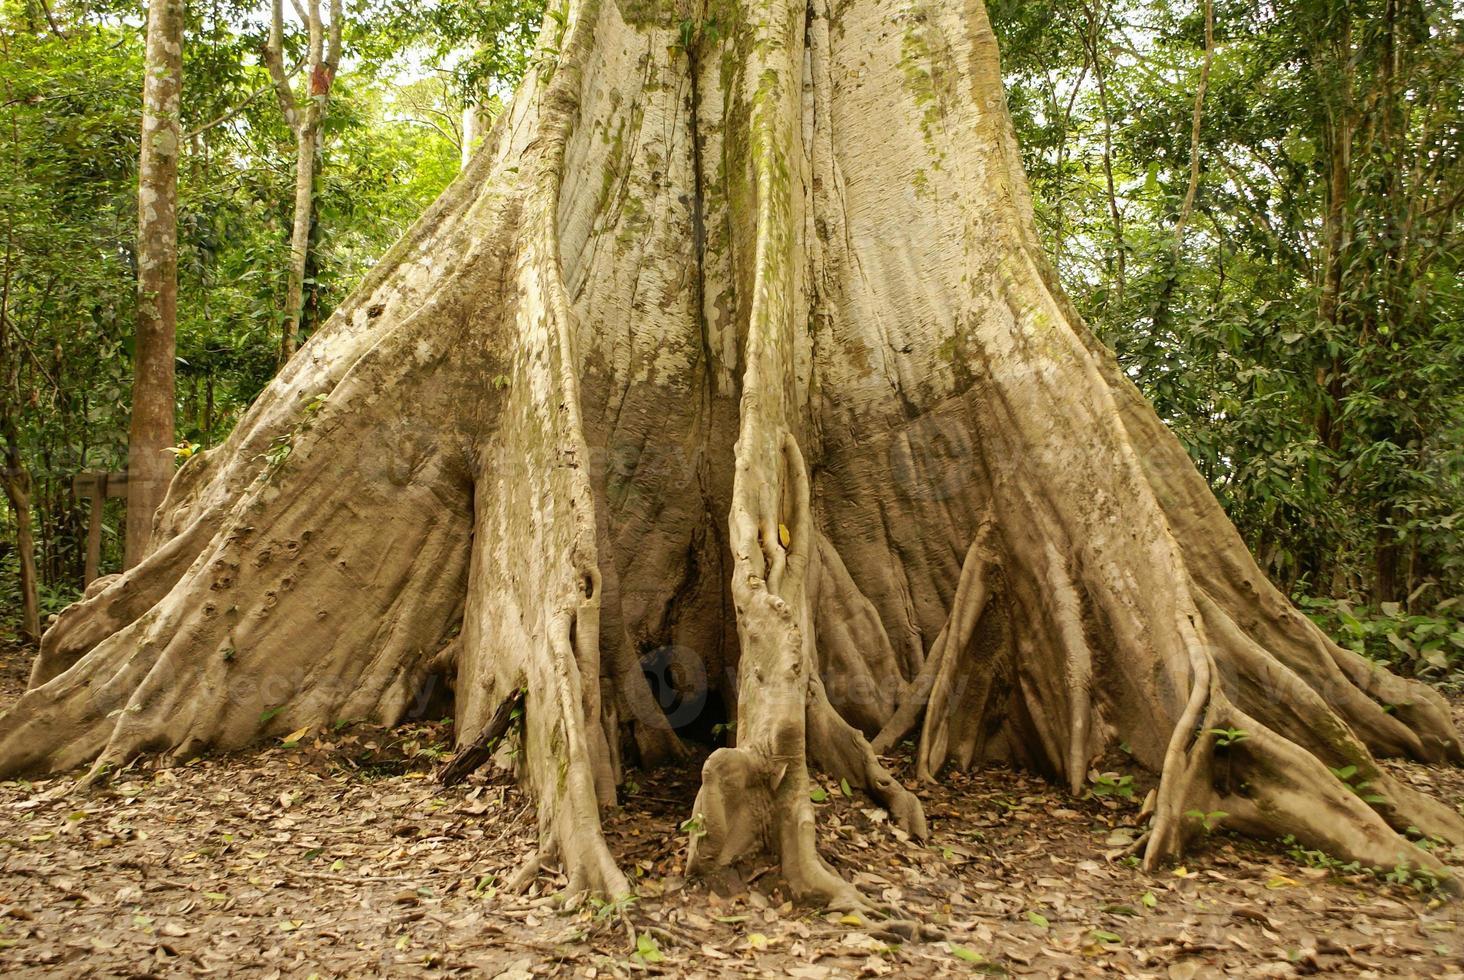 albero della giungla amazzonica foto